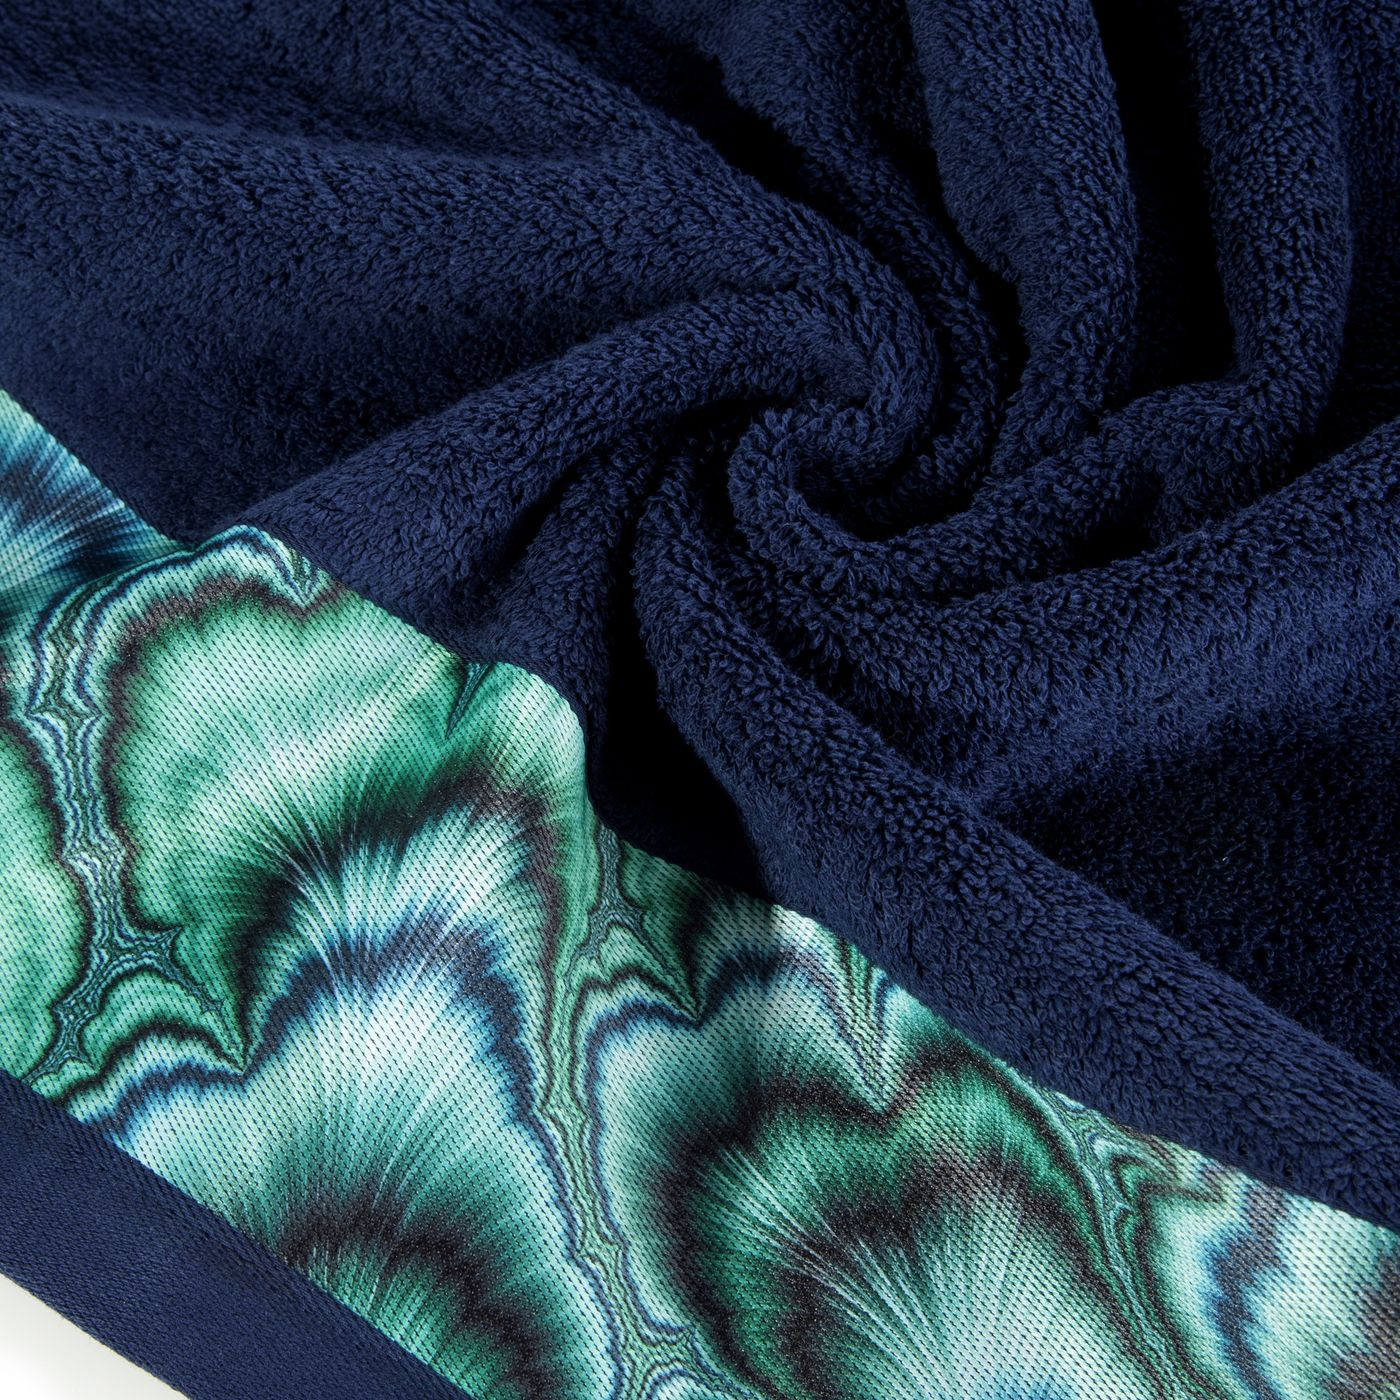 Granatowy ręcznik kąpielowy - mój wybór Eva Minge 50x90 cm